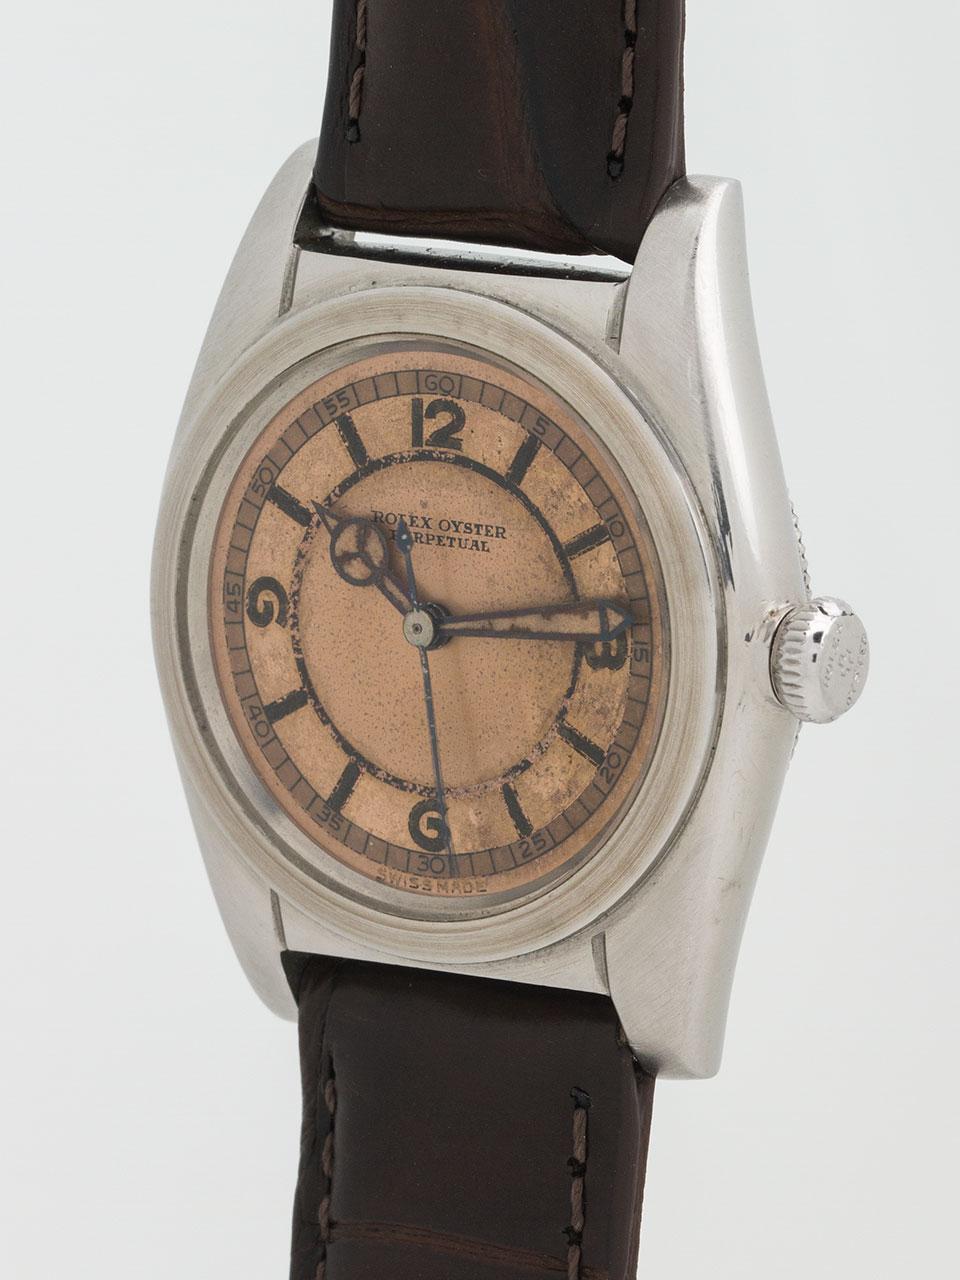 Rolex Bubbleback Original Radium Dial circa 1942